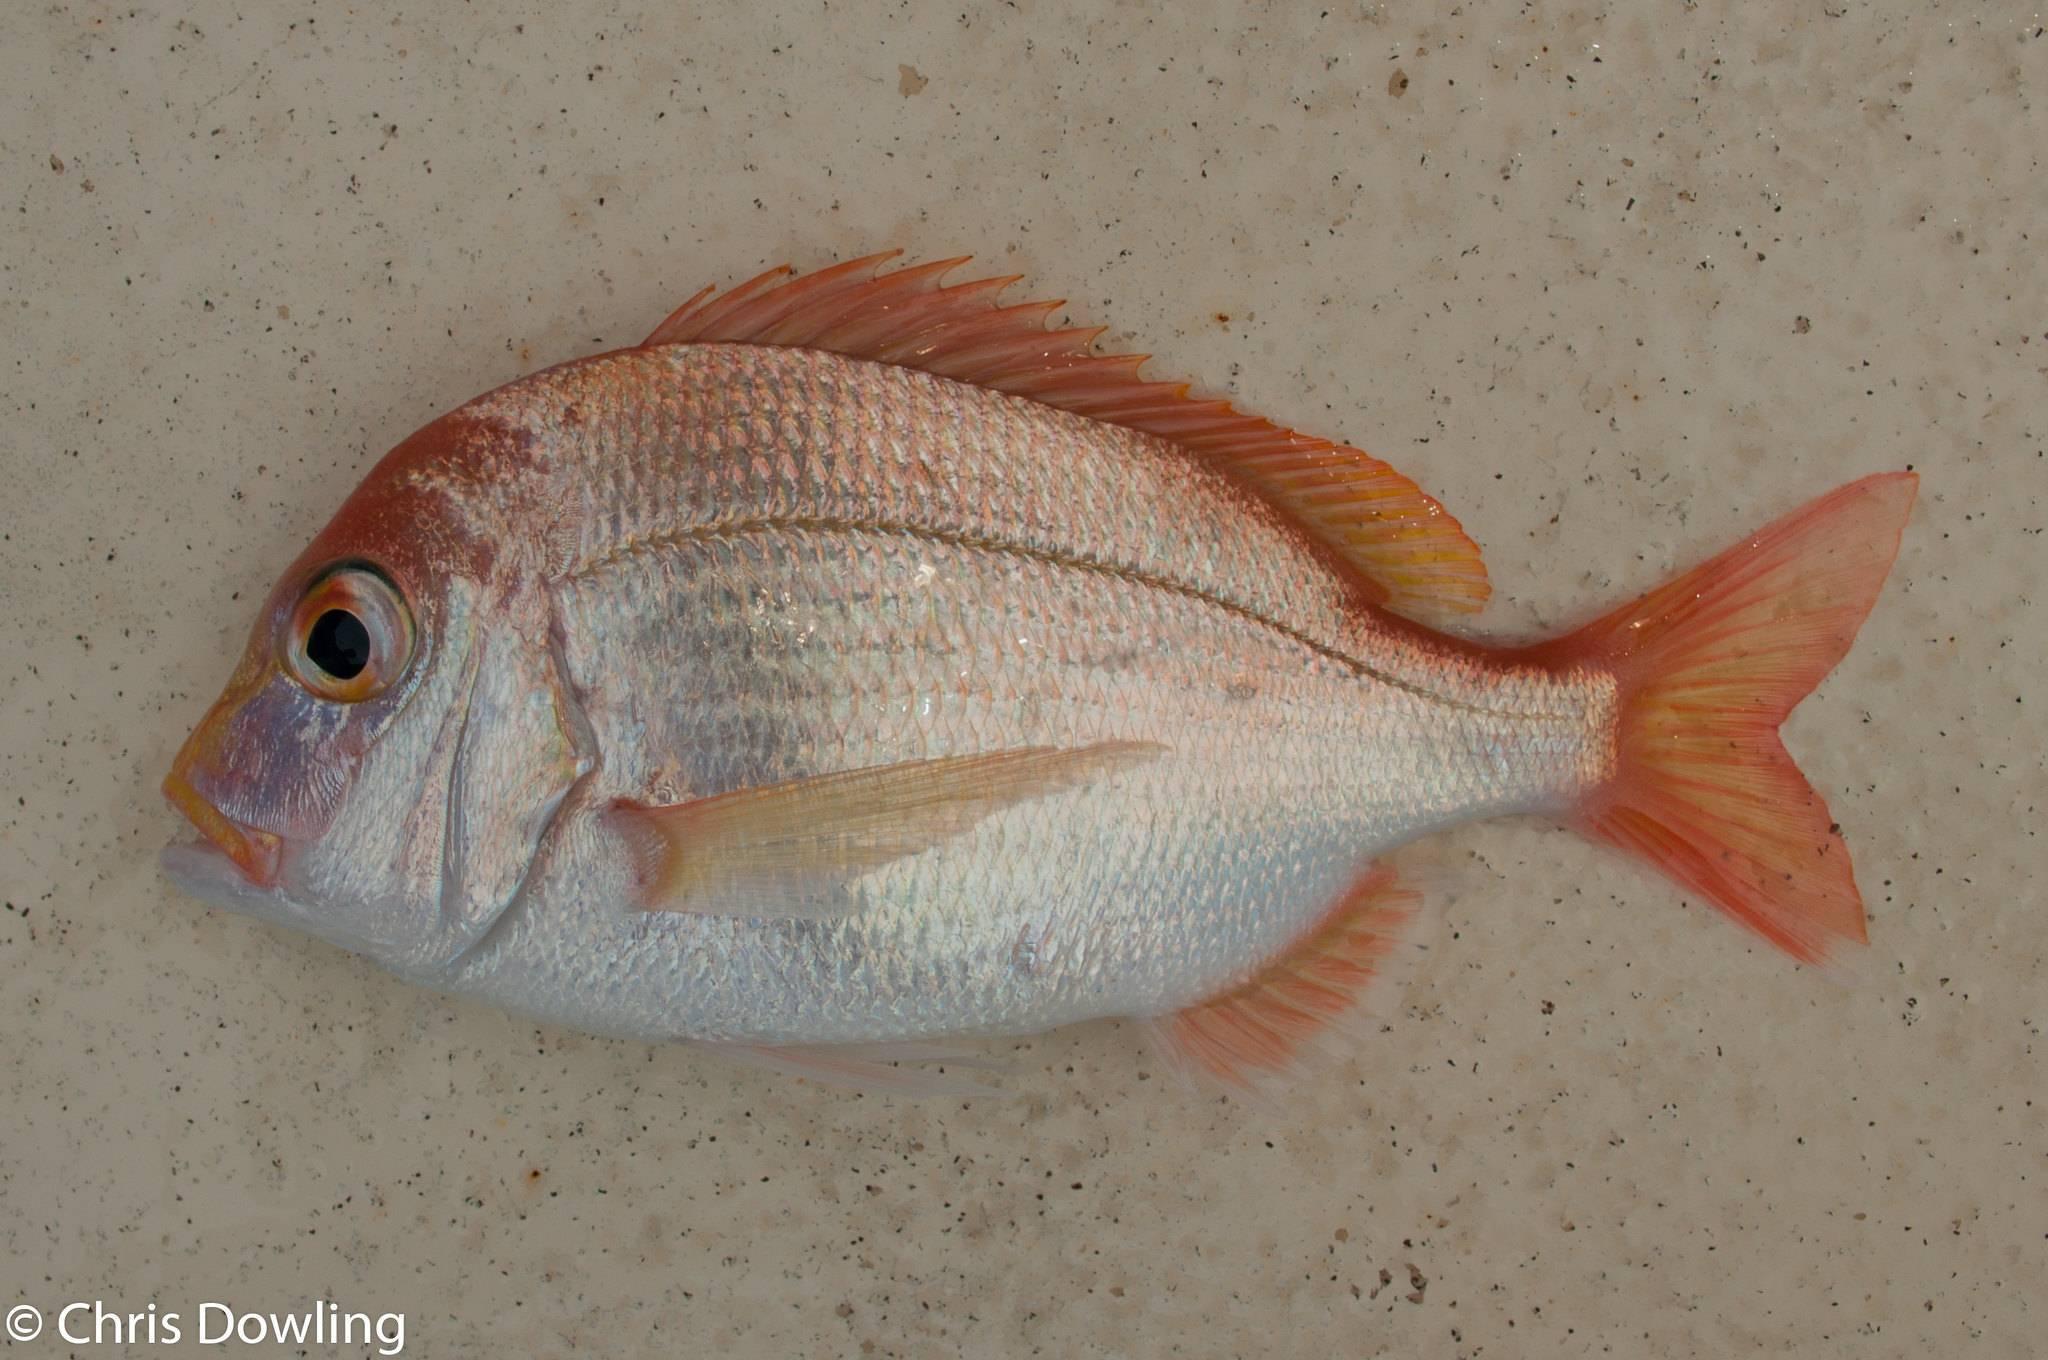 Зубатка - описание с фото, польза и вред рыбы; рецепт приготовления